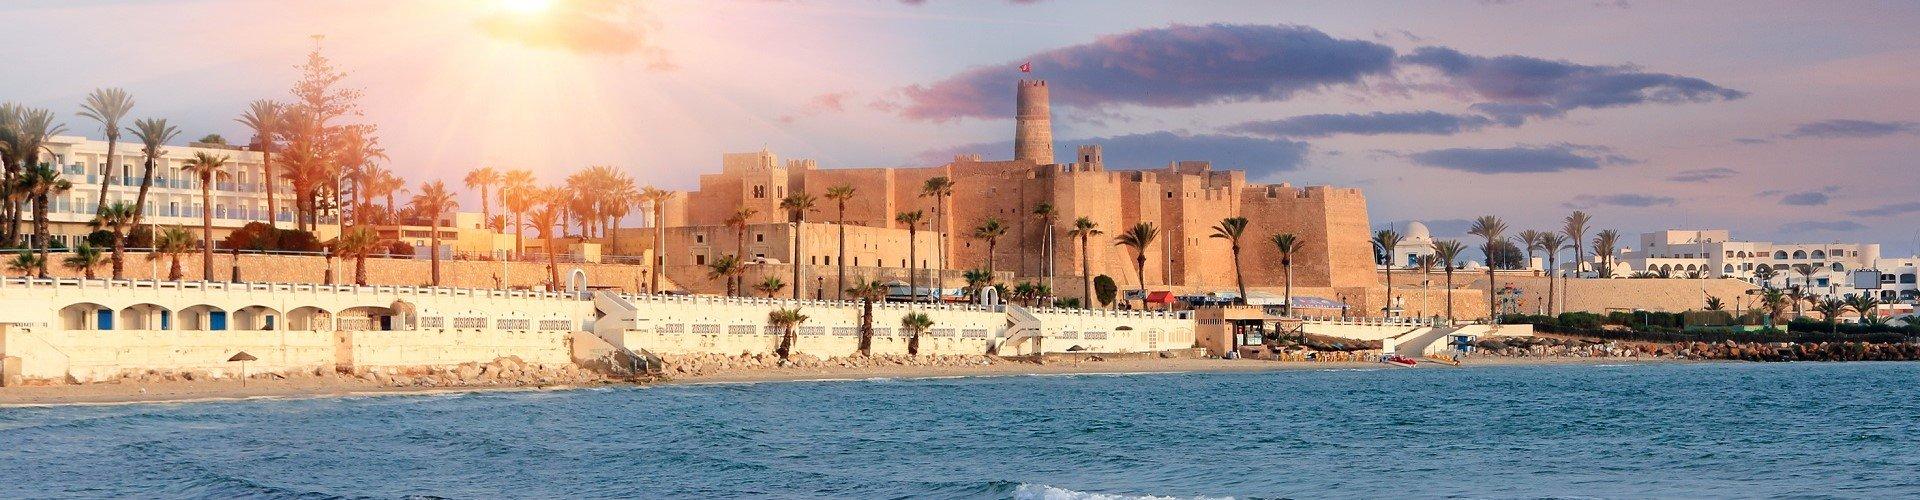 Familienurlaub in Tunesien